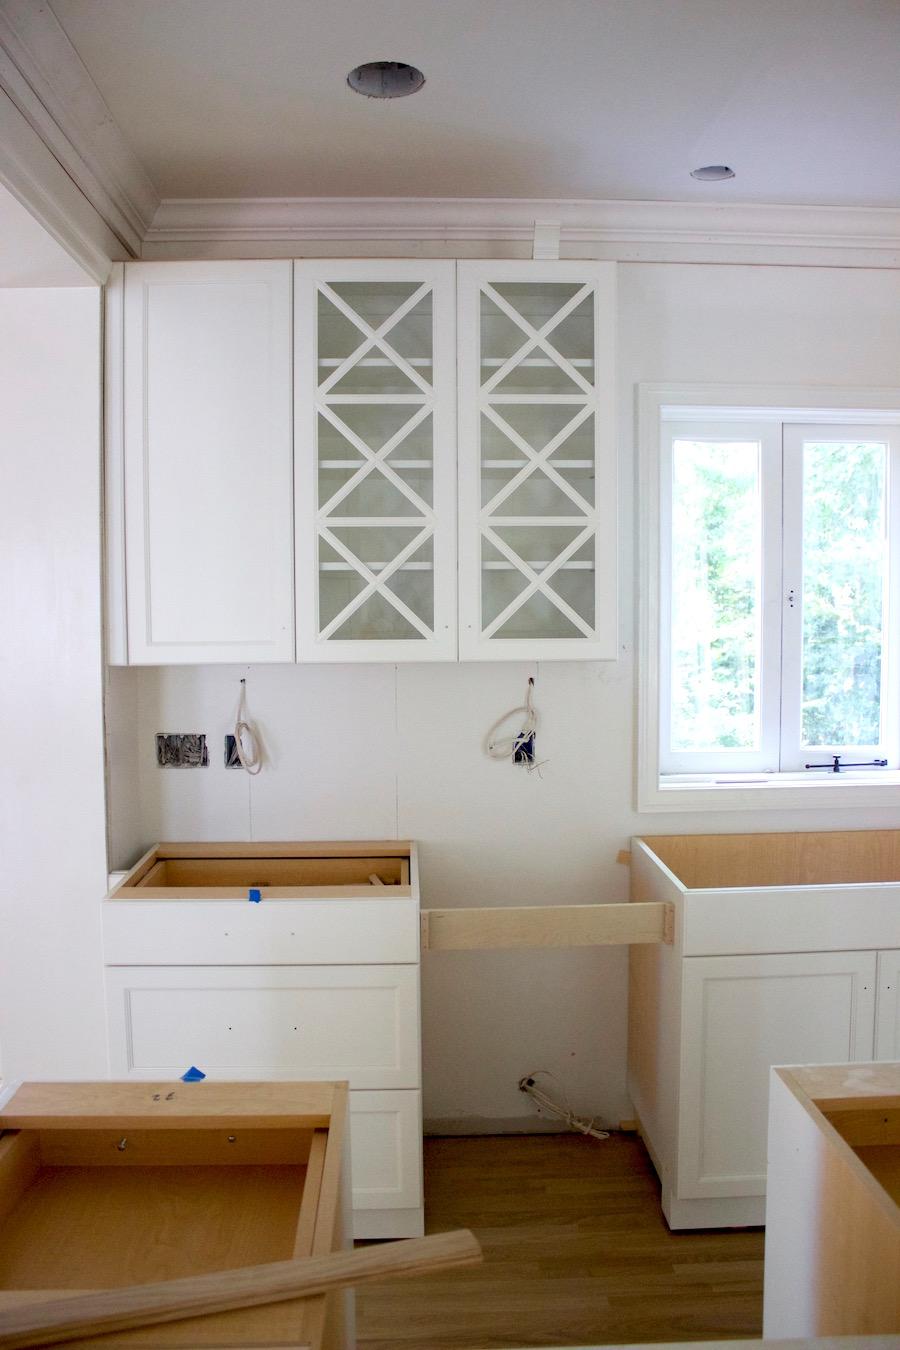 bluedoorliving-renovation-kitchen-progress-2.jpg